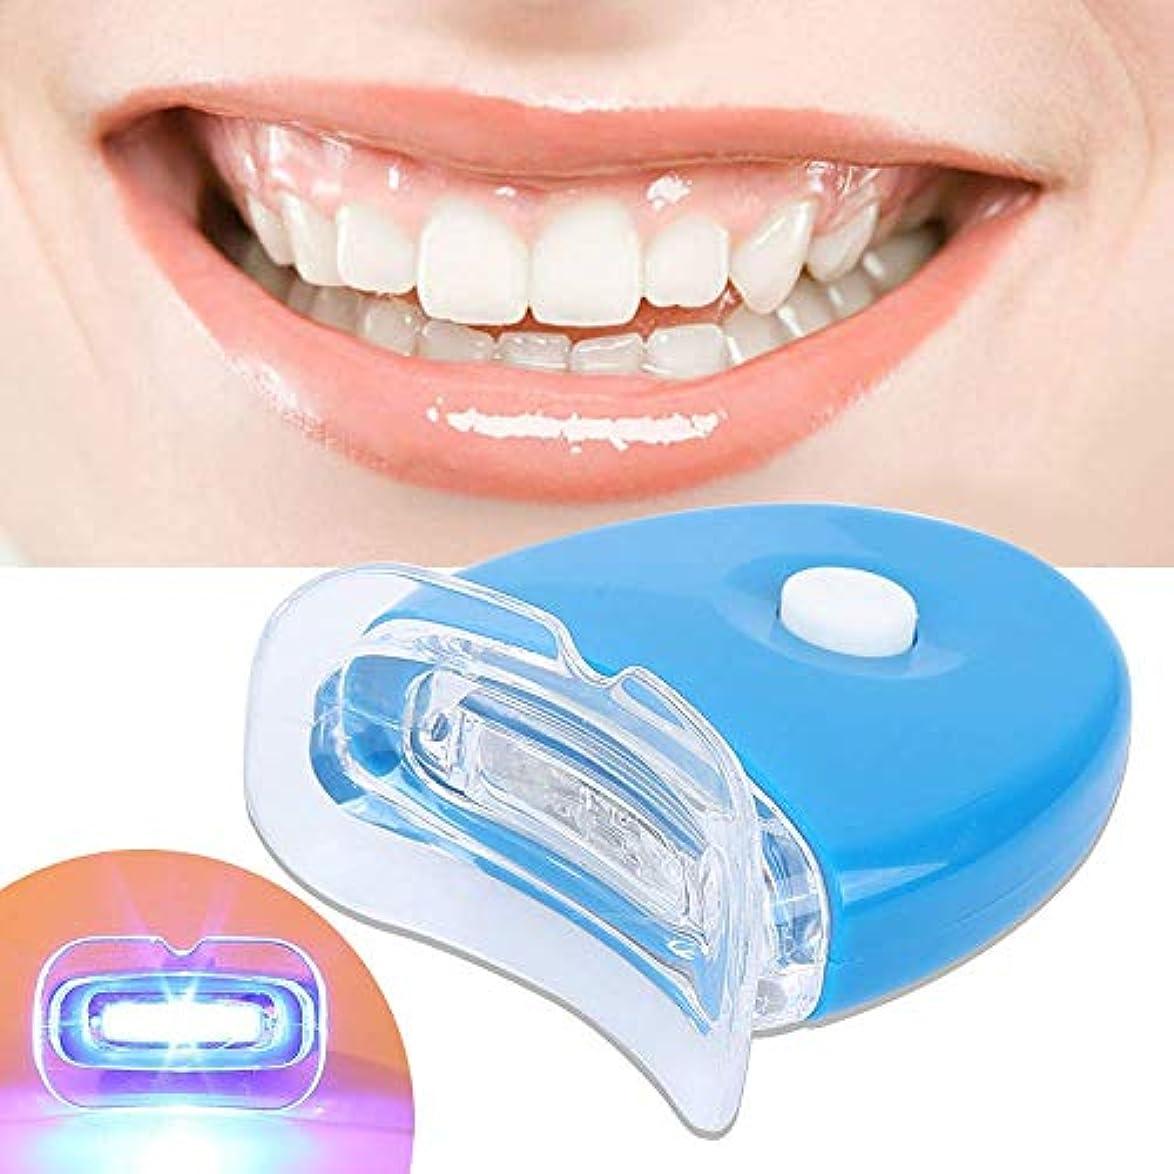 オフィスの家の十代の若者たちのための歯のホワイトナーの心配の健康な歯科白くなるLEDライトを白くする歯